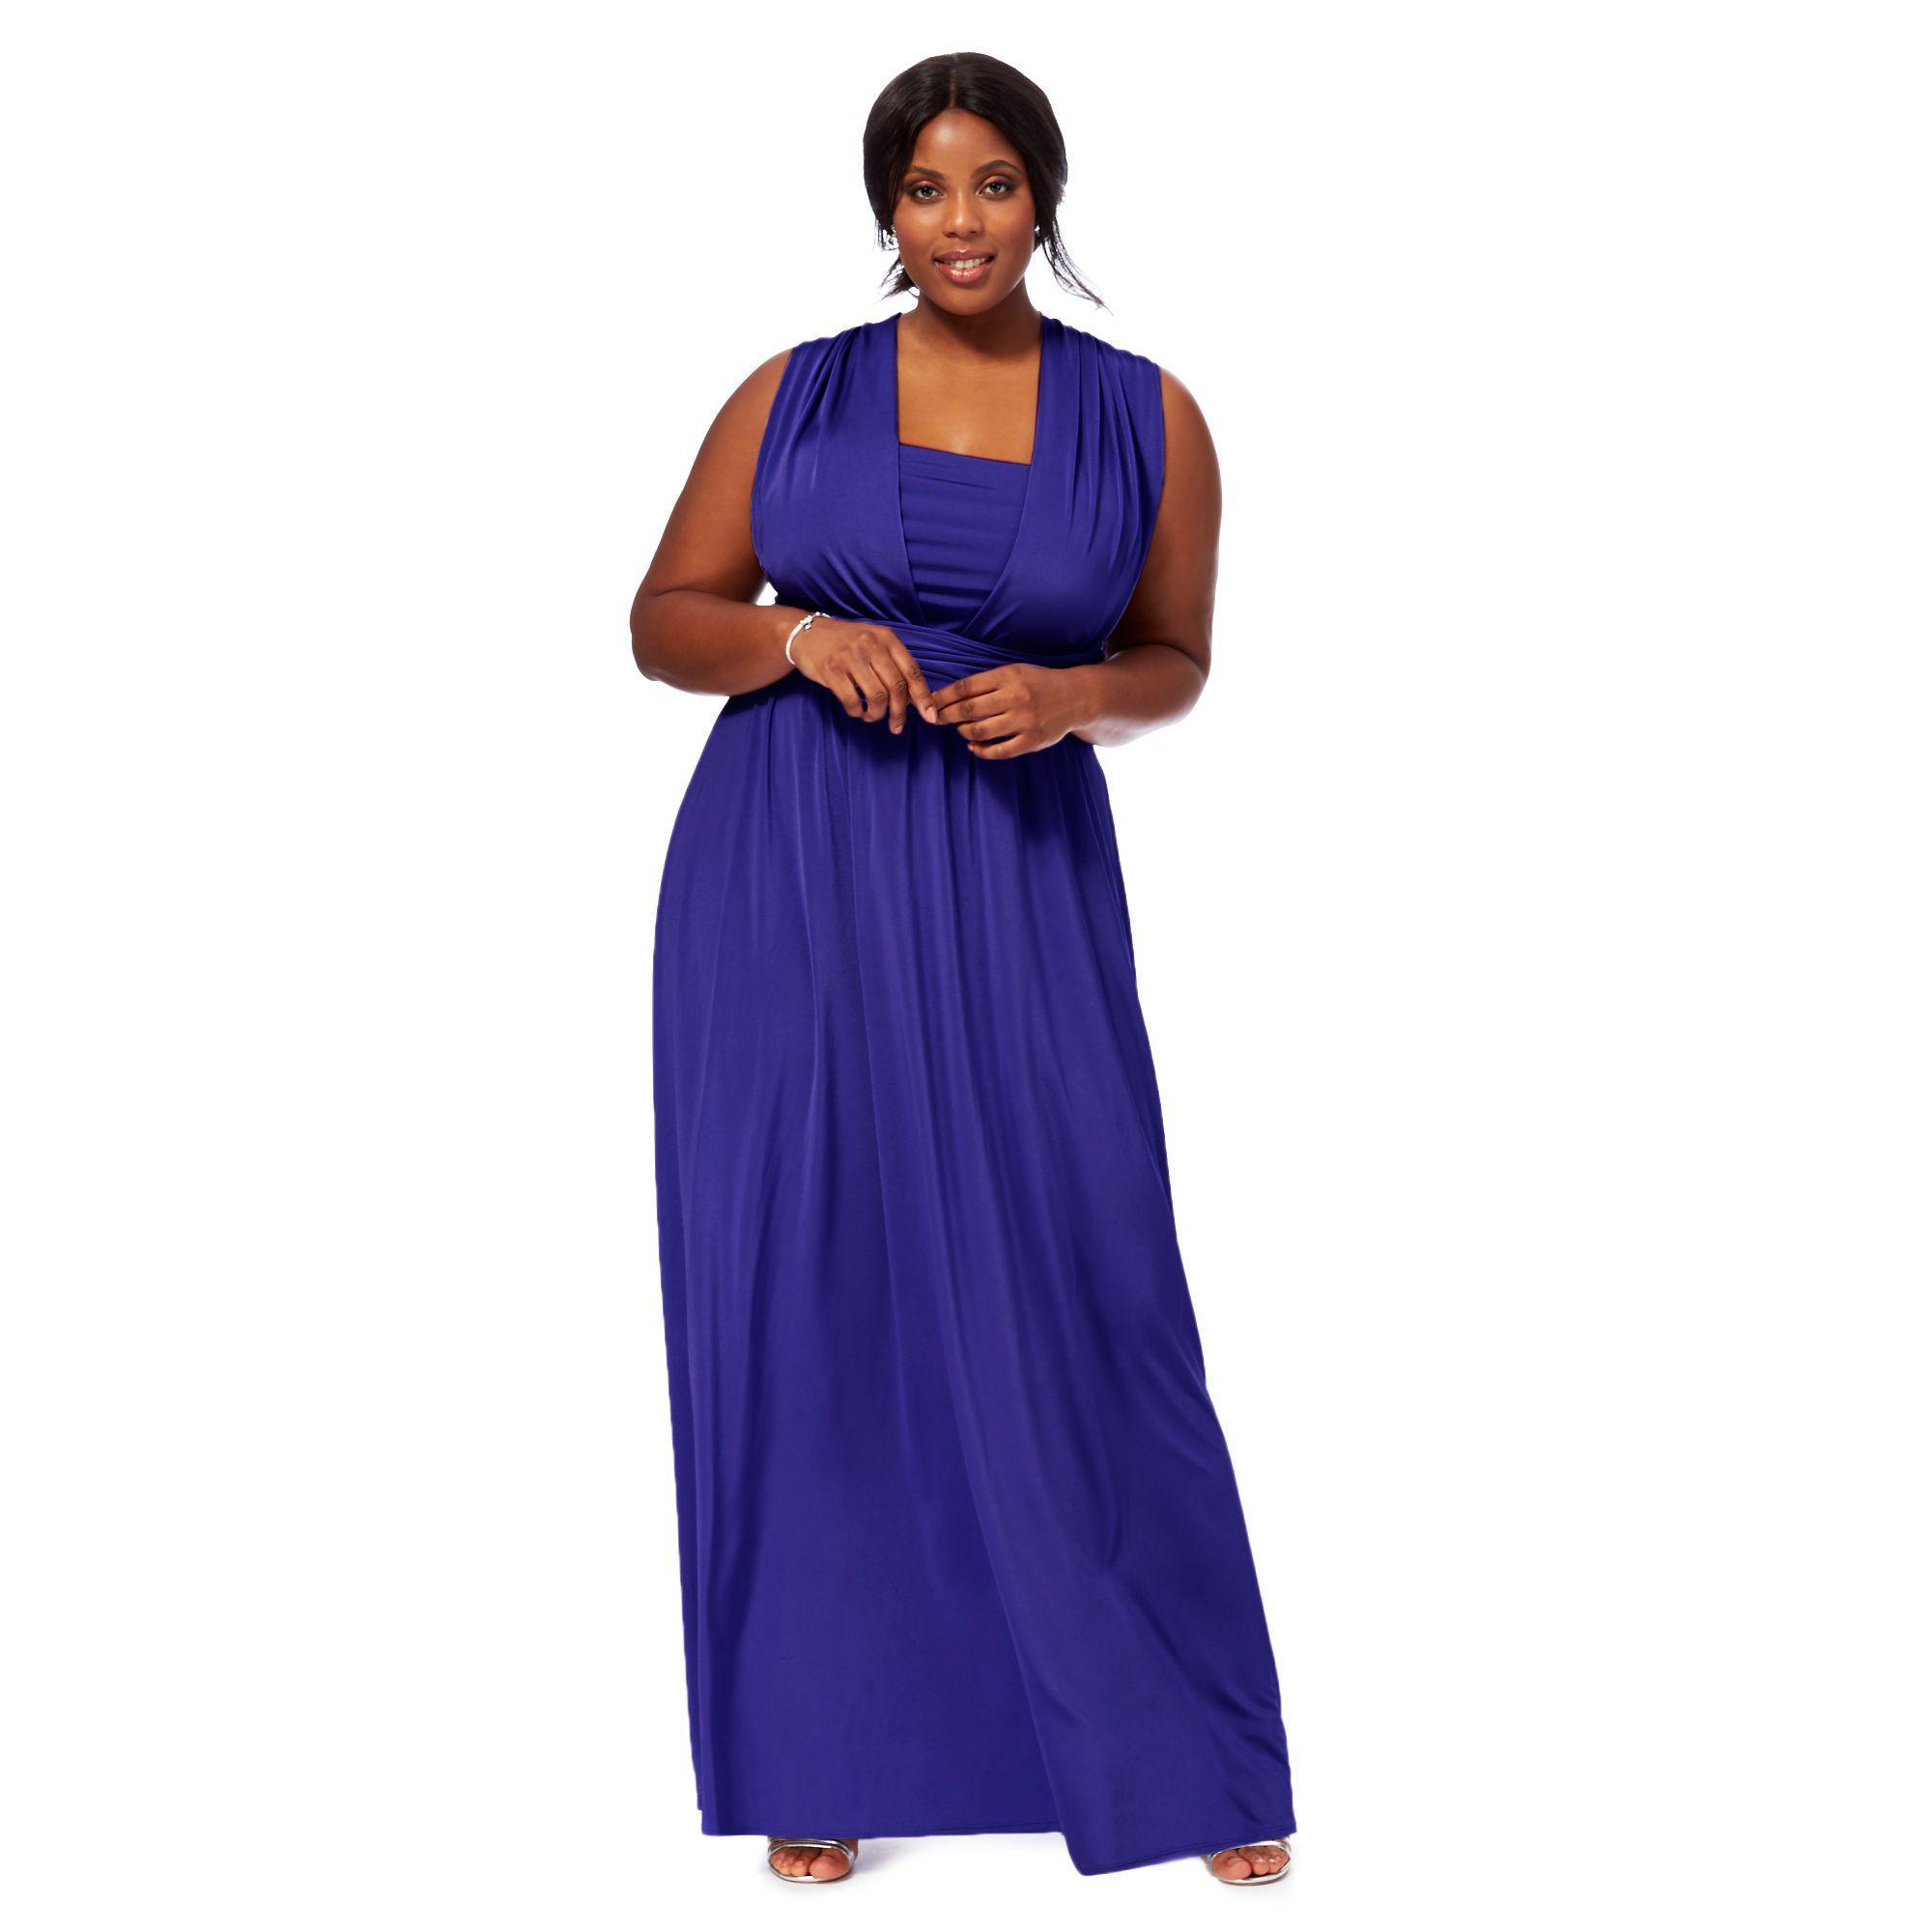 Début Blue Multiway Plus Size Evening Dress in Blue - Lyst